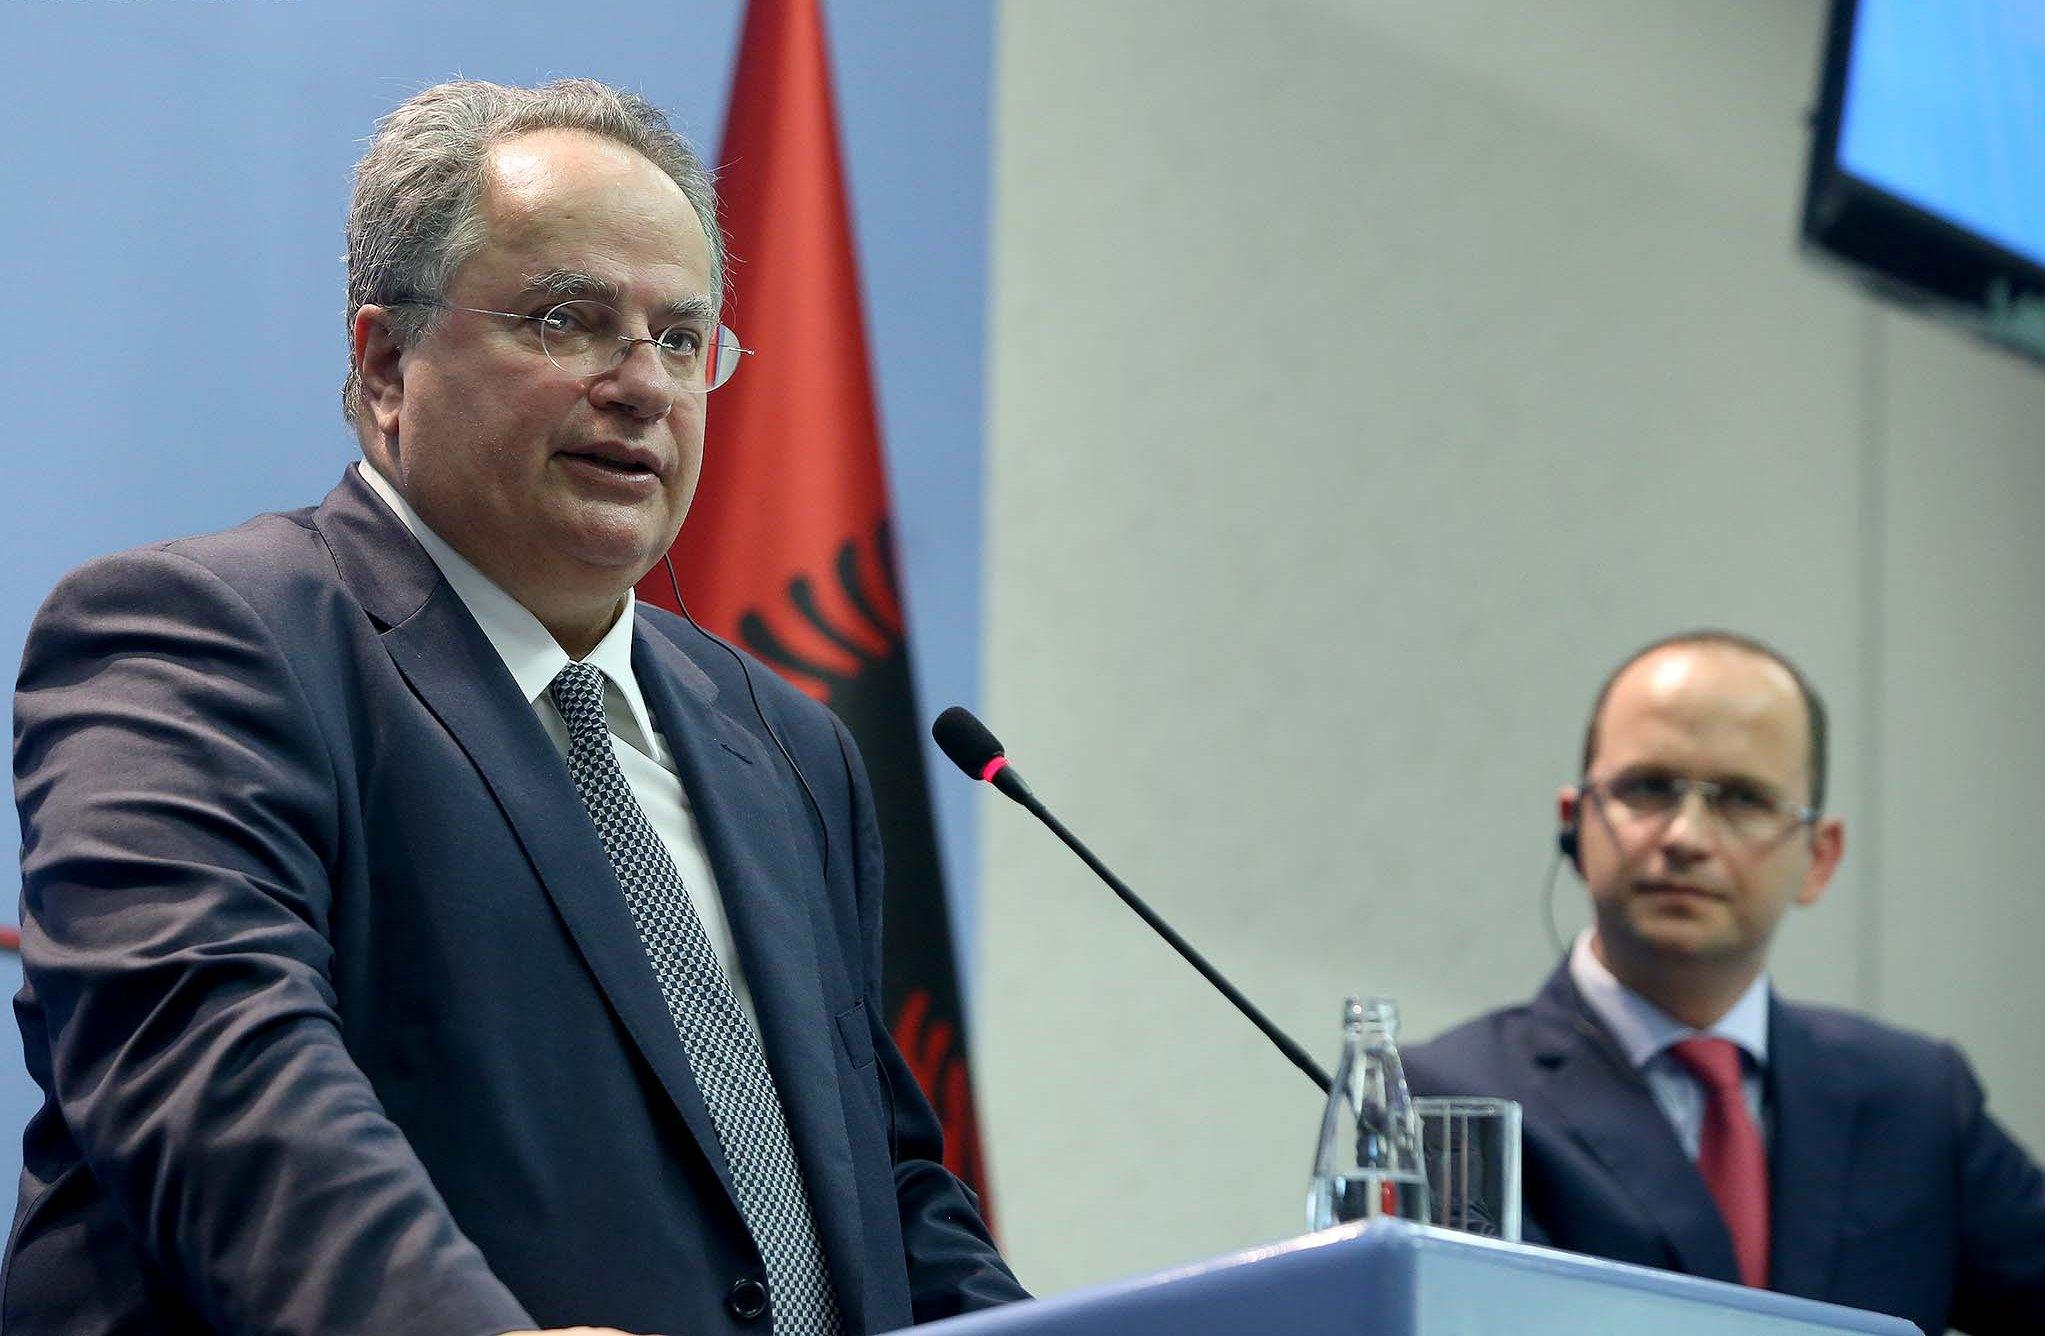 Ministri i Jashtëm grek, Kotzias: T'i zgjidhim çështjet e hapura sot, e duam Shqipërinë në BE